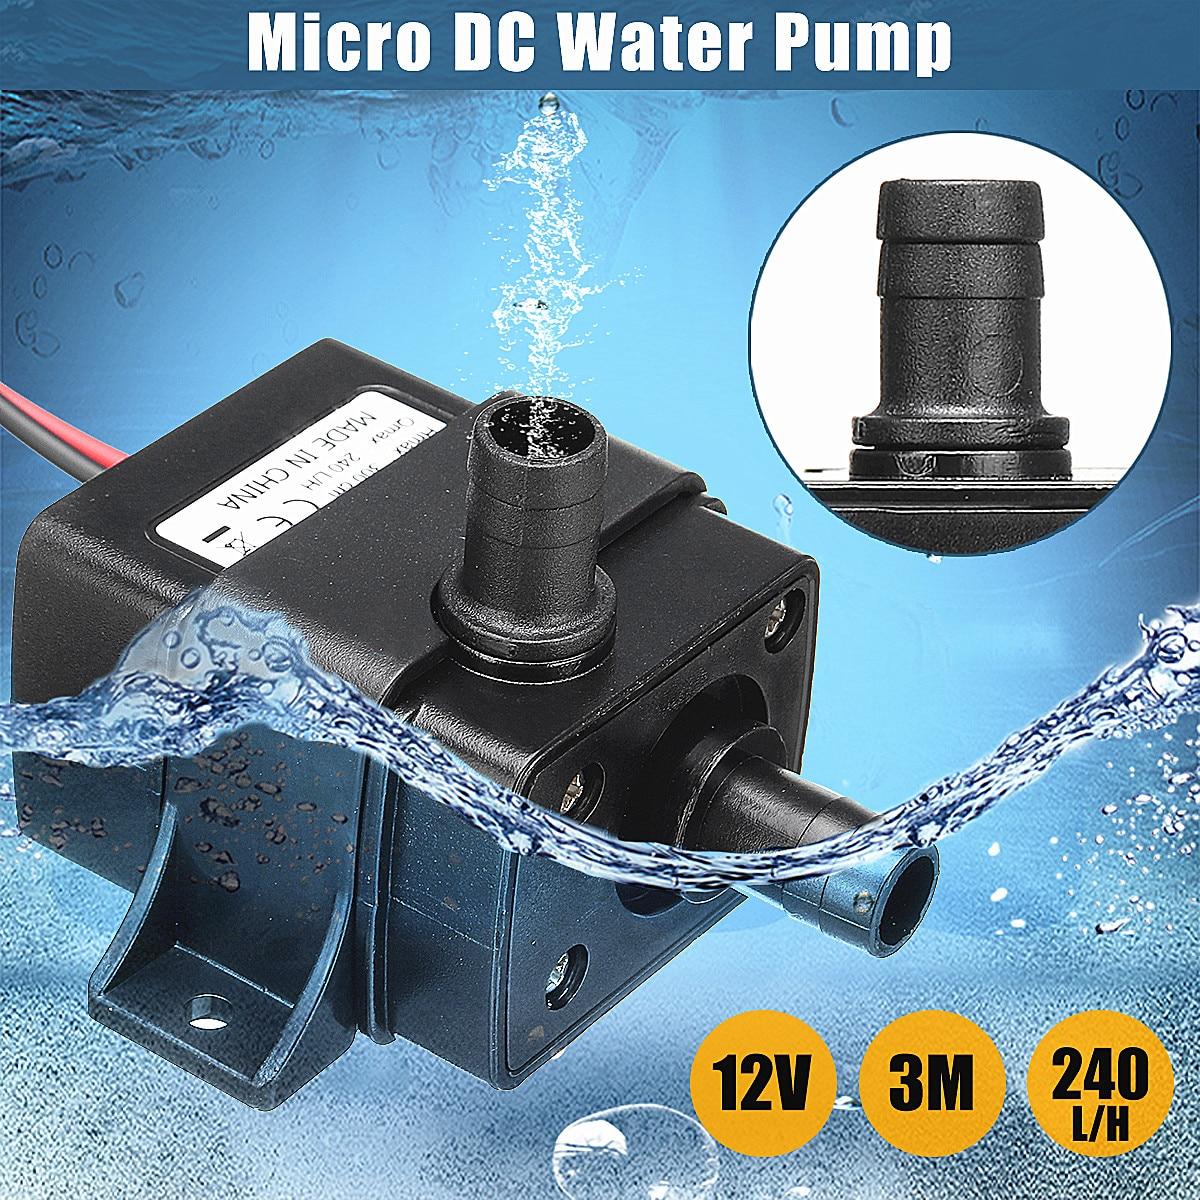 Sanitär 12 V Dc Bürstenlosen Motor Tauch Pumpe Elektrische Mini Wasser Umwälzpumpe Für Hydrokultur Medizinische Kühlung 4,8 W 240l/ H 3 Meter